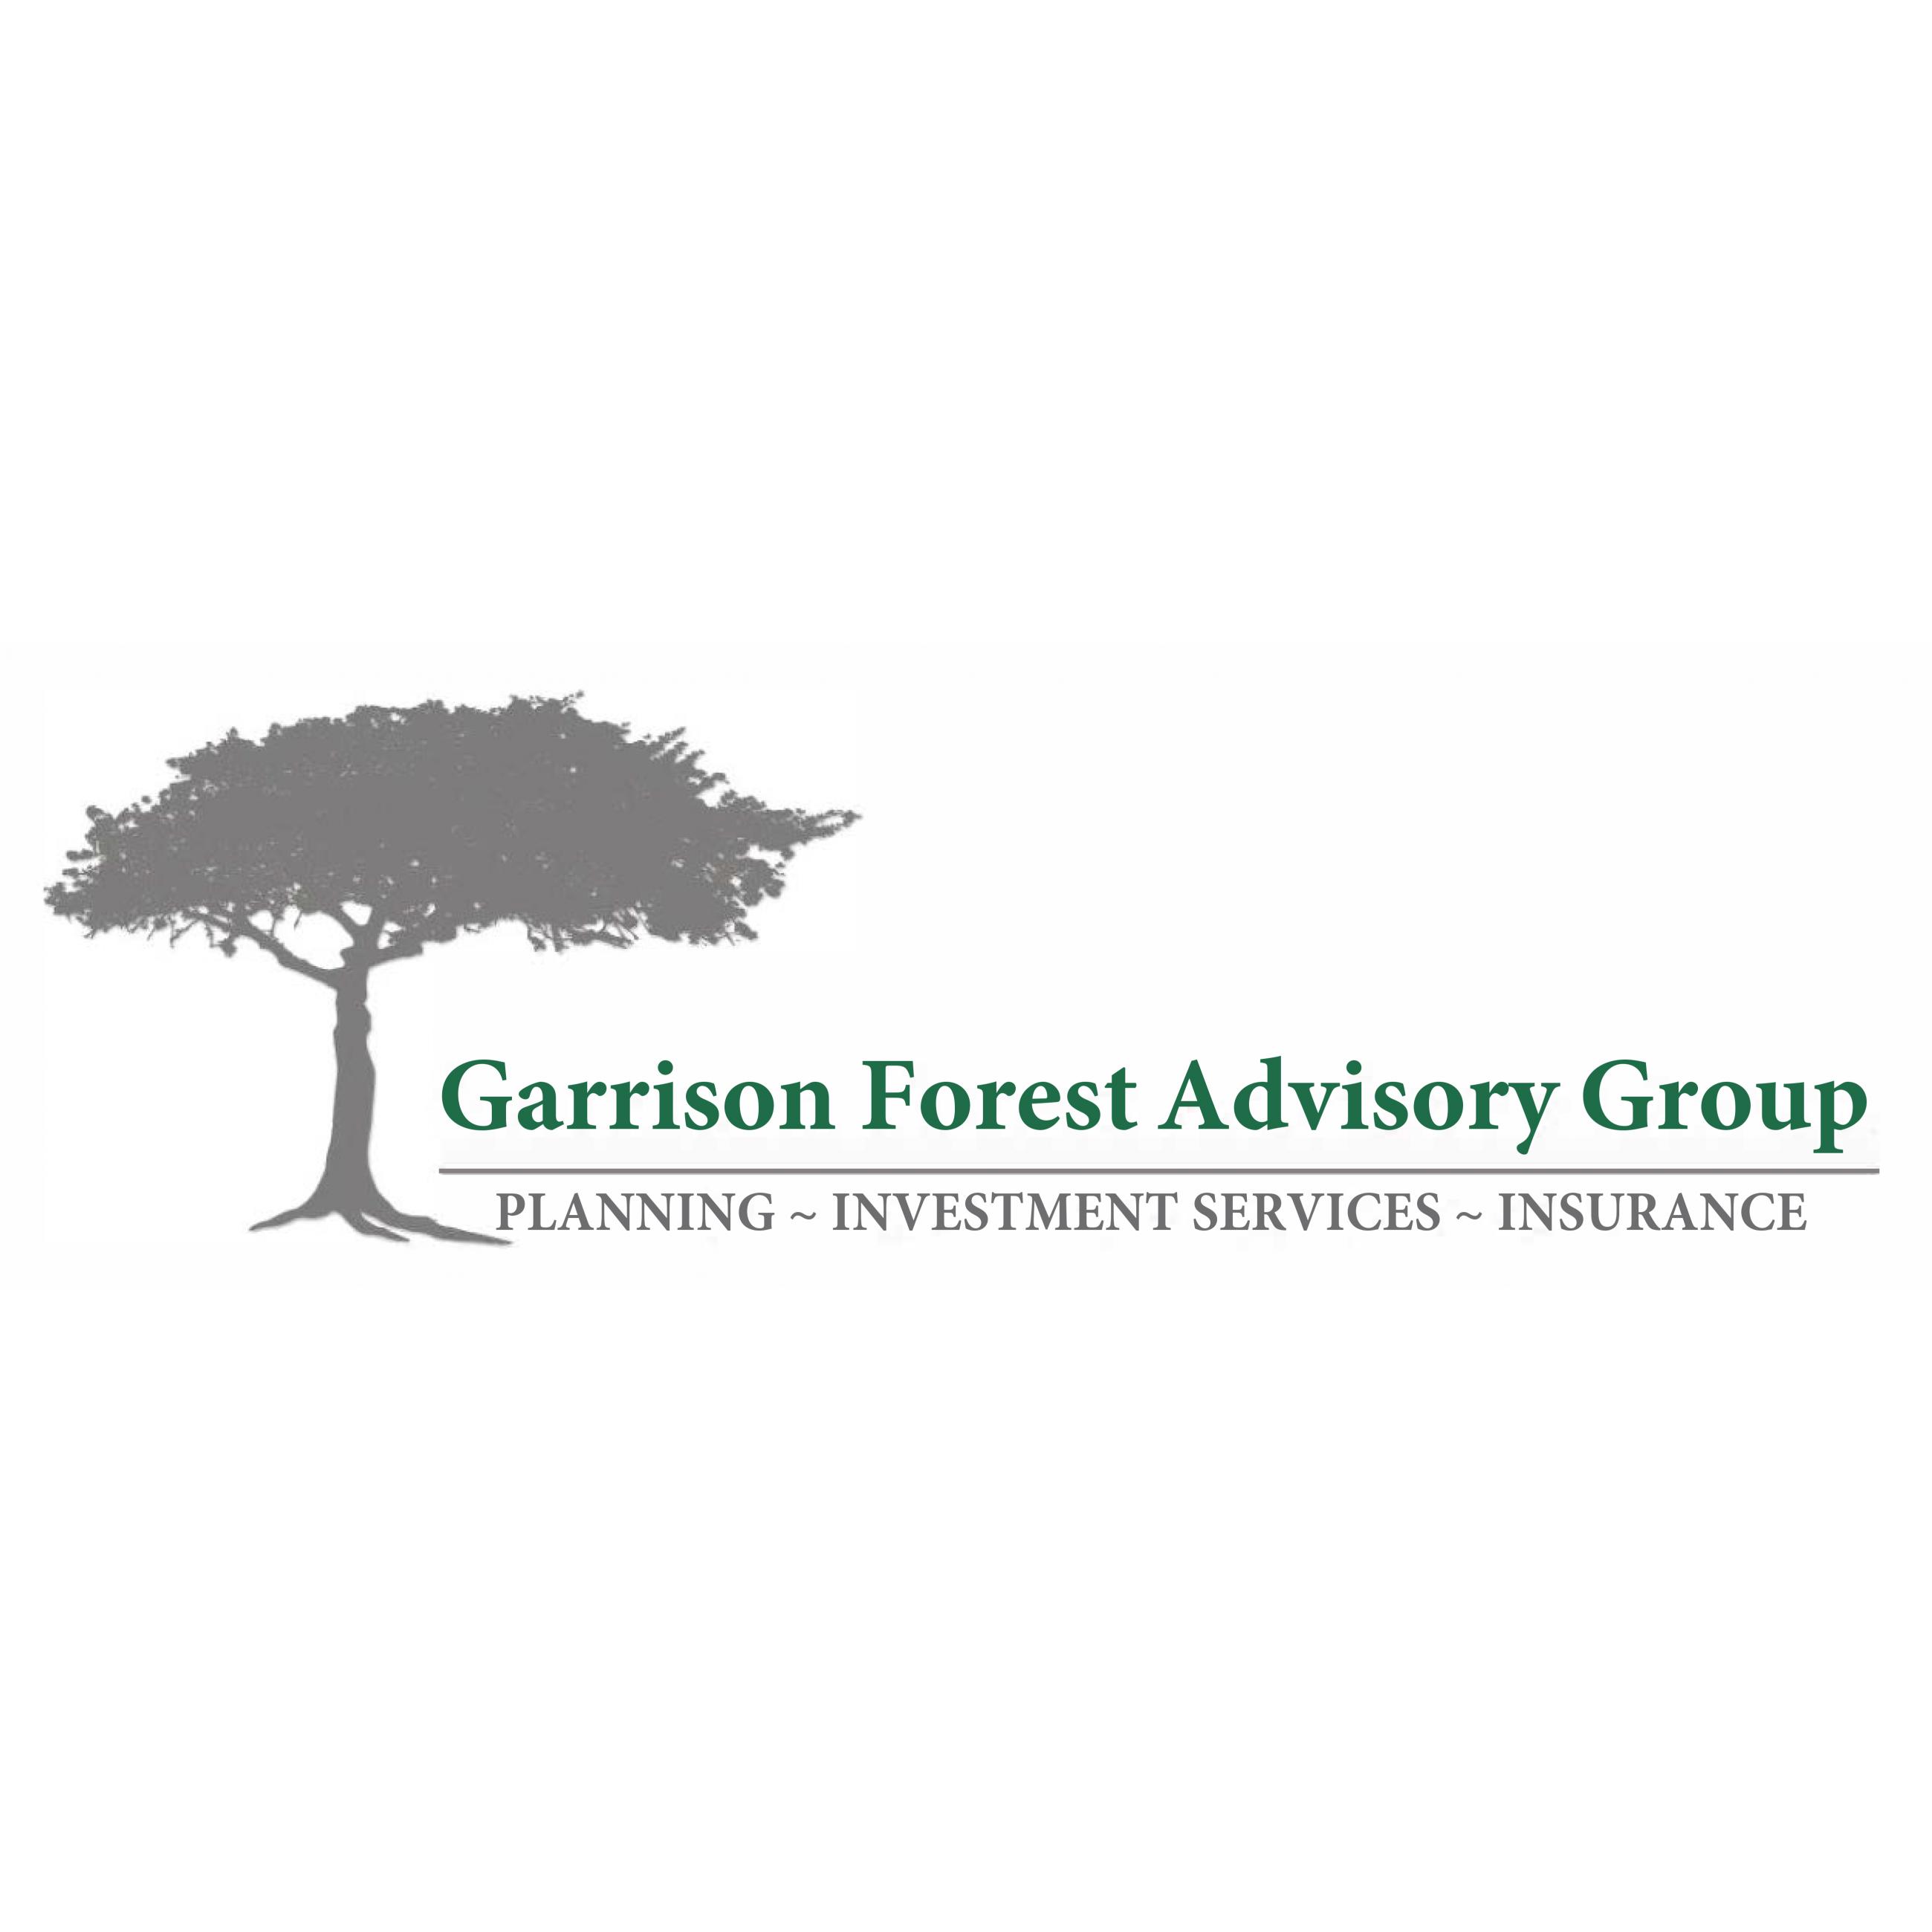 Garrison Forest Advisory Group